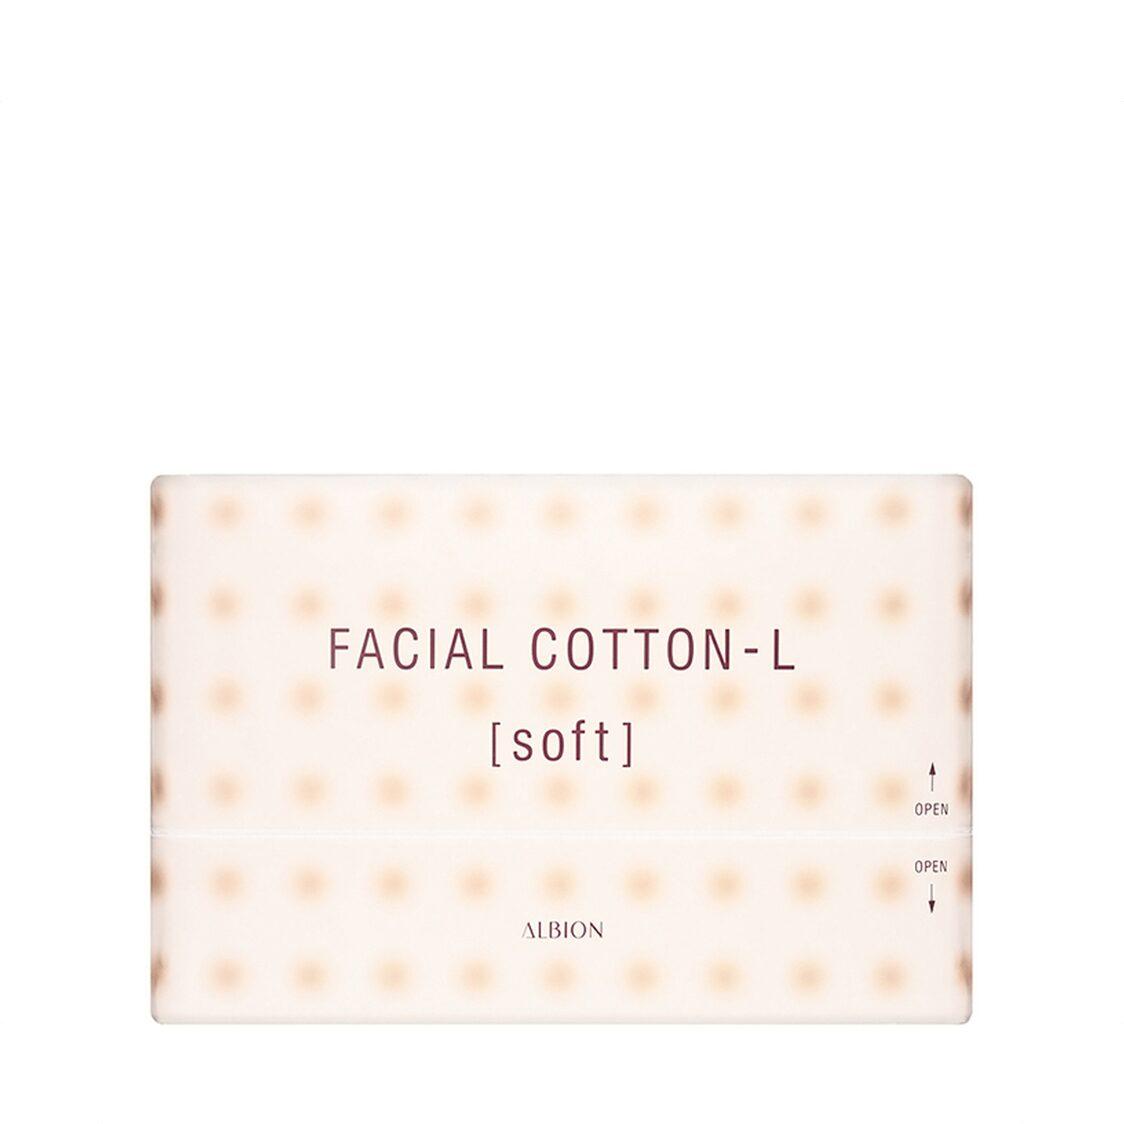 ALBION Cotton Soft 120 Pads